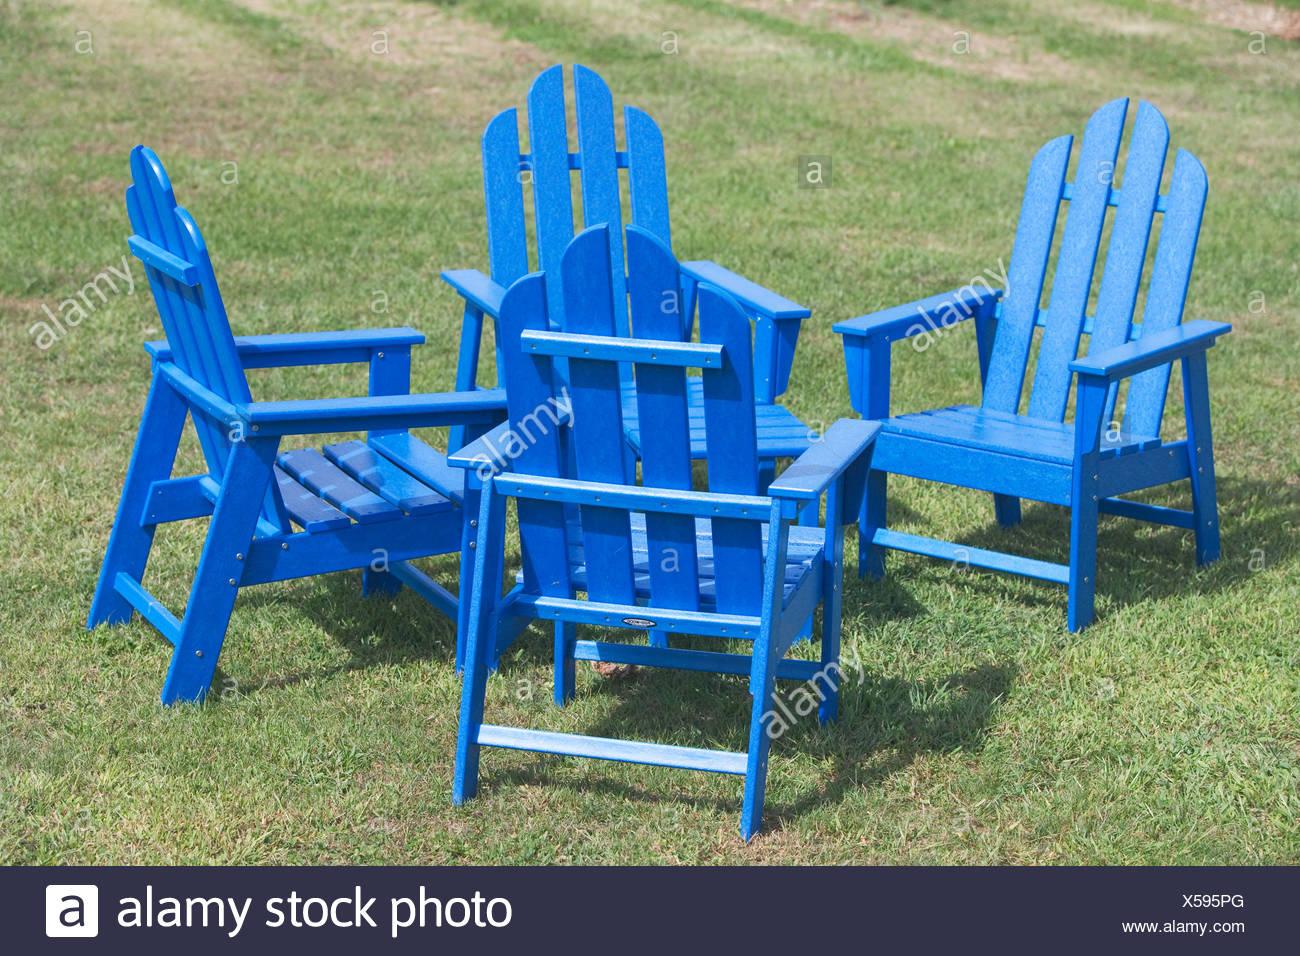 Garden Chairs Stockfotos & Garden Chairs Bilder - Alamy